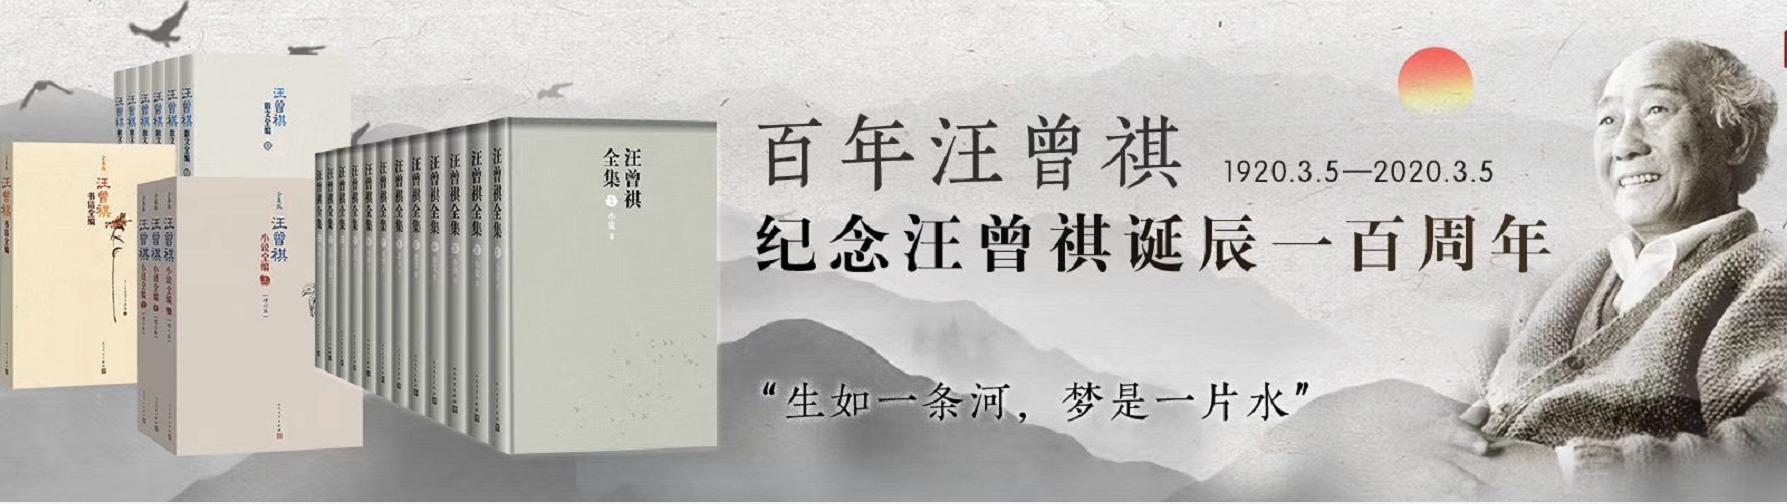 """作家汪曾祺百年诞辰,被有些学者称之为""""最后一位士大夫"""""""